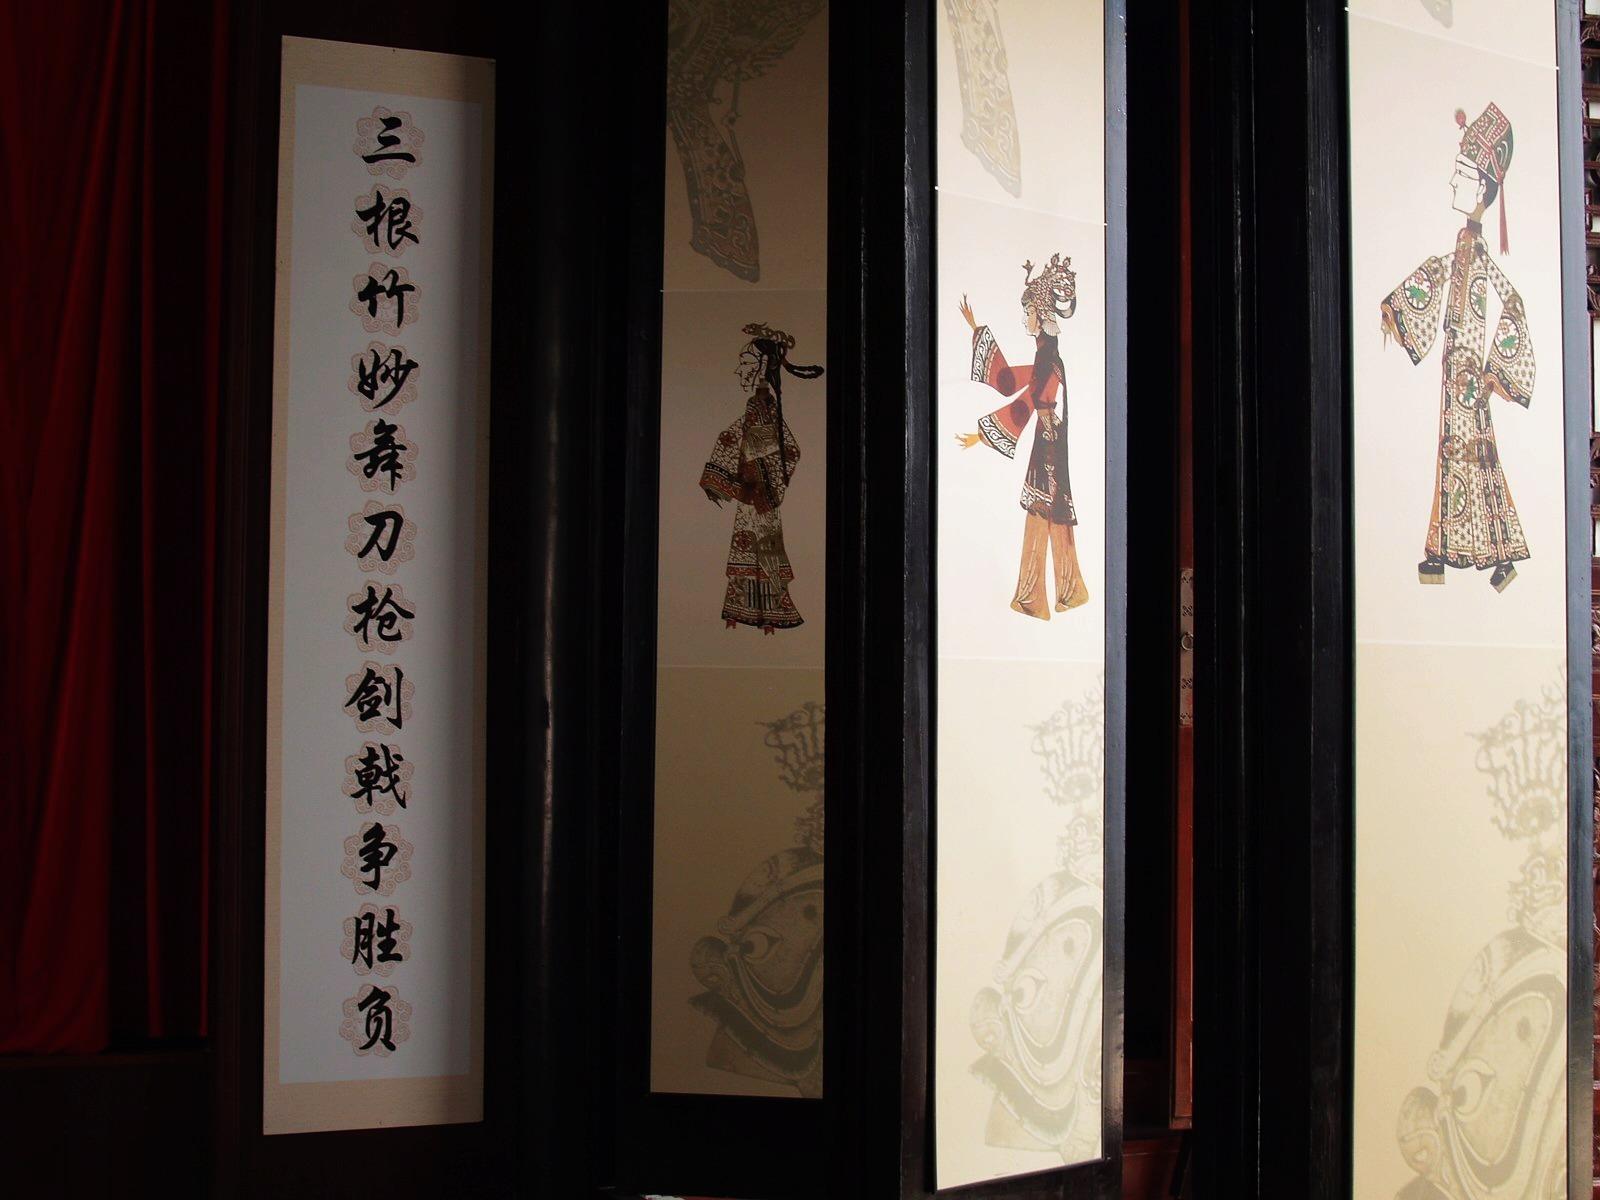 参观甘熙故居 - bldr - Georges blog